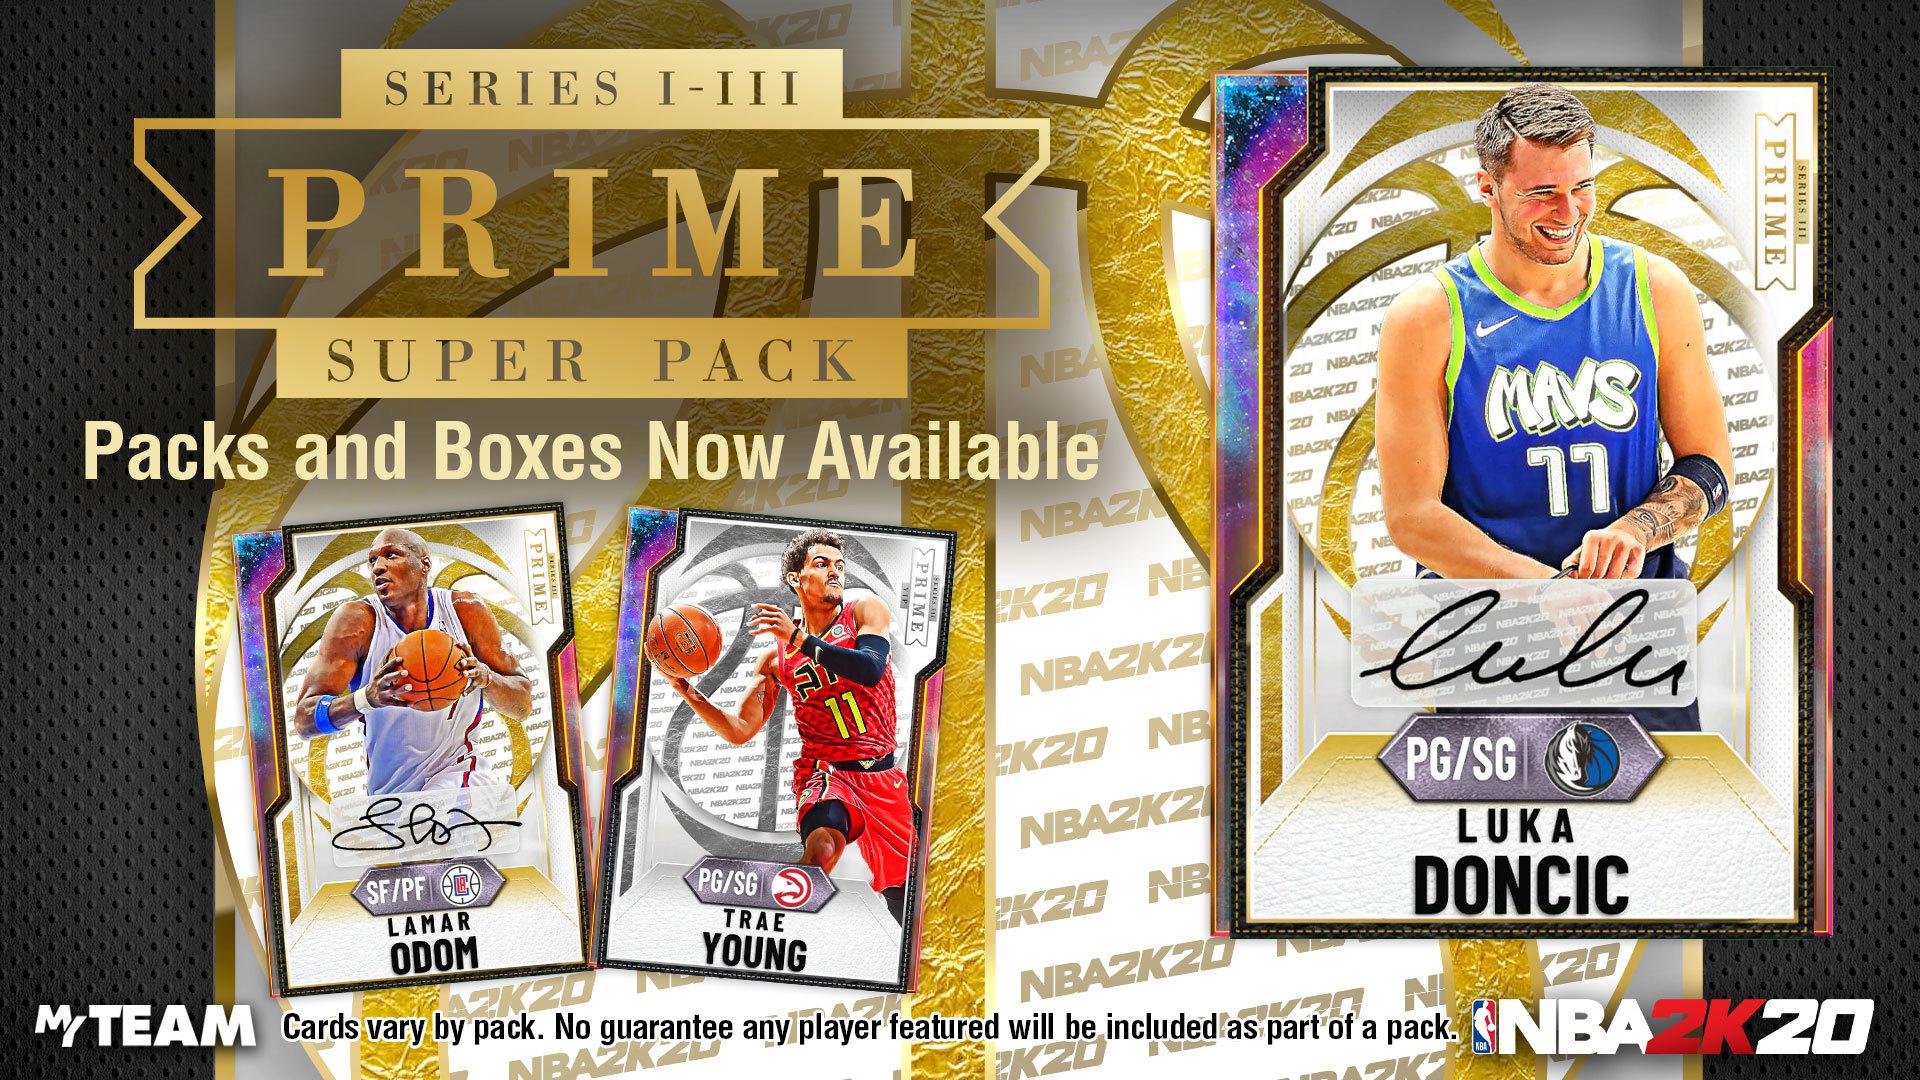 PRIME Series I-III Super Pack